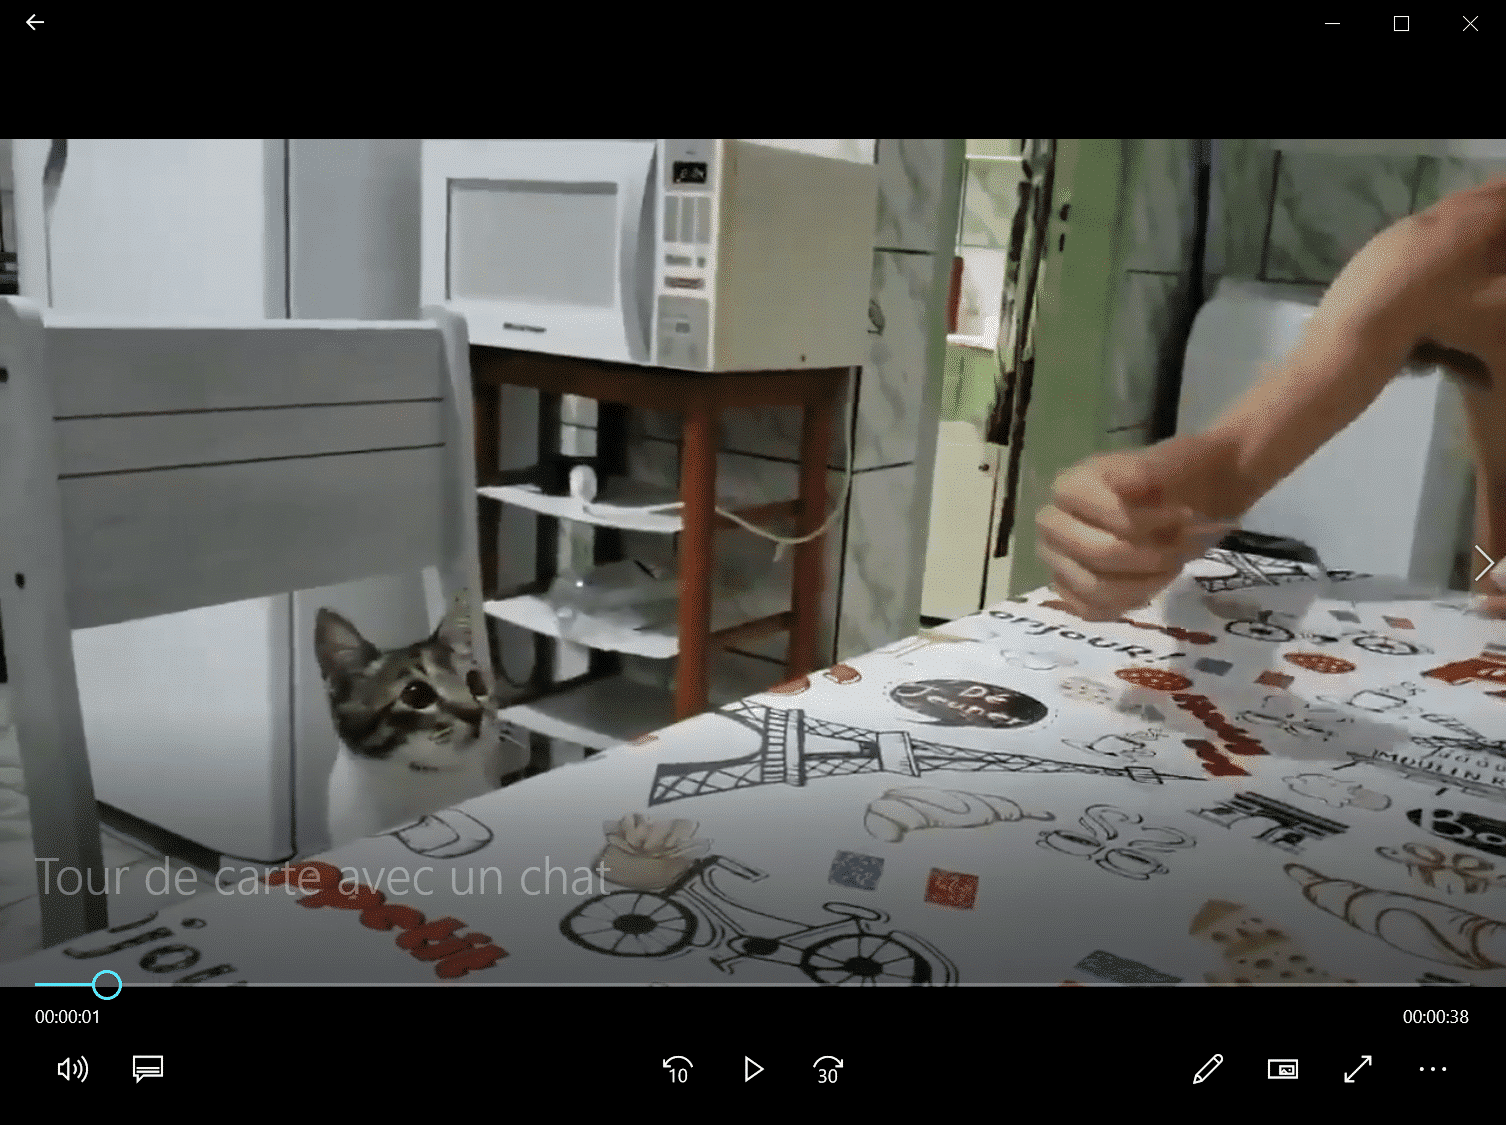 Tour de carte avec un chat